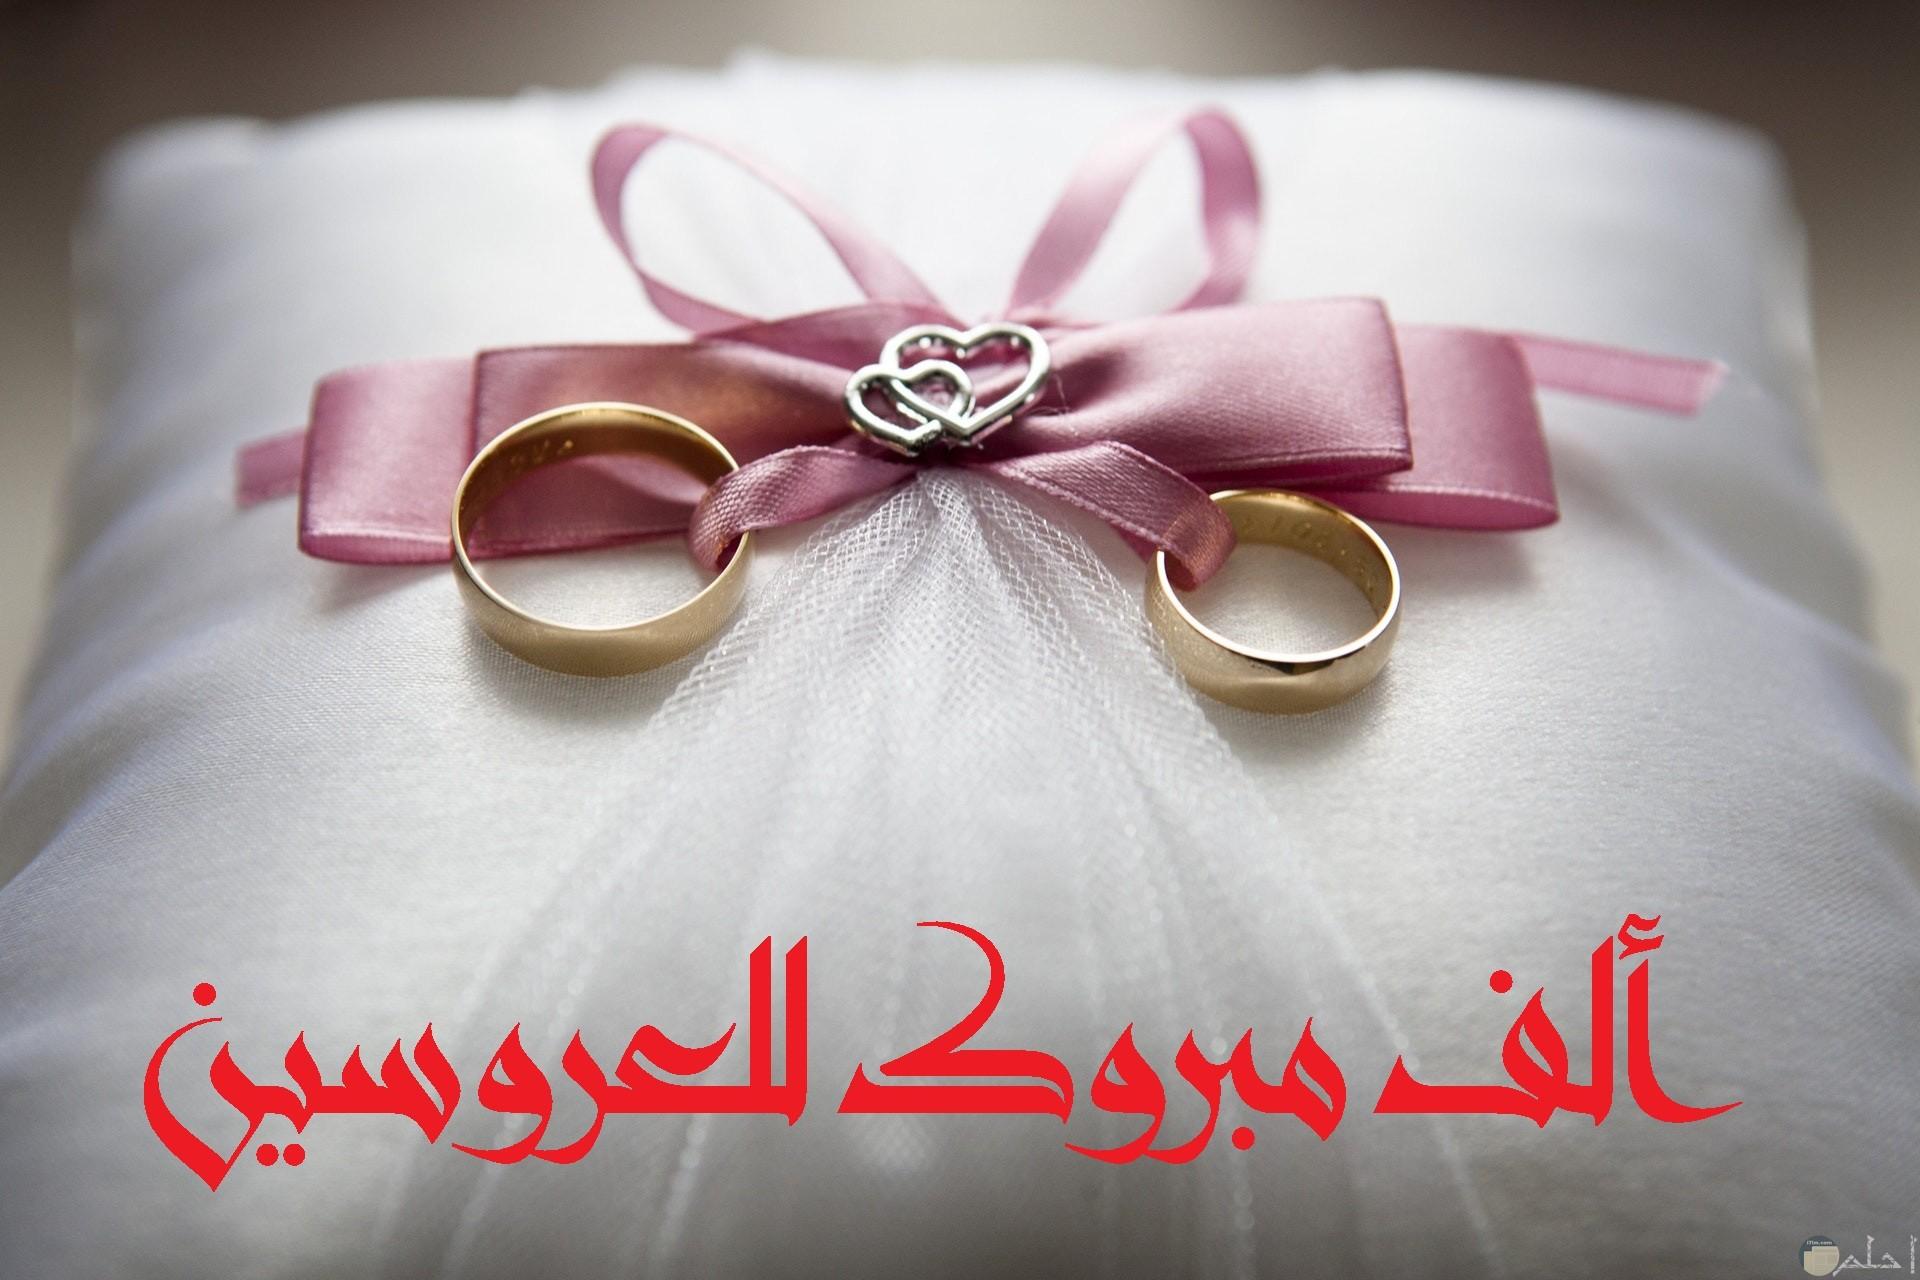 صورة تهنئة جميلة جدا بمناسبة الزواج مكتوب عليها ألف مبروك للعروسين بخط مميز مع خاتمين